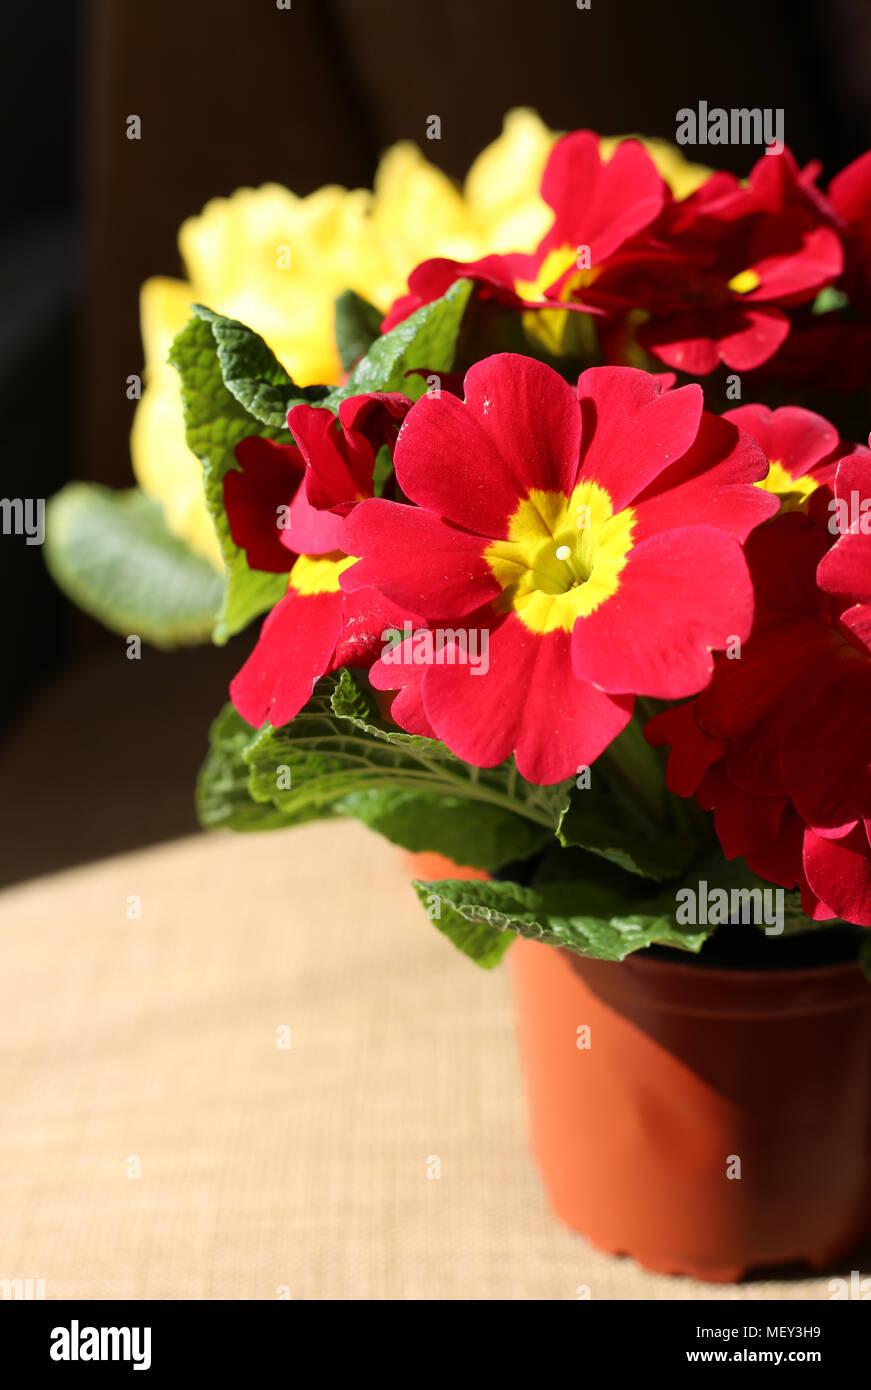 Bellissimi fiori rossi e gialli fotografati sotto luce naturale. Colori brillanti e una luce interessante. Immagini Stock